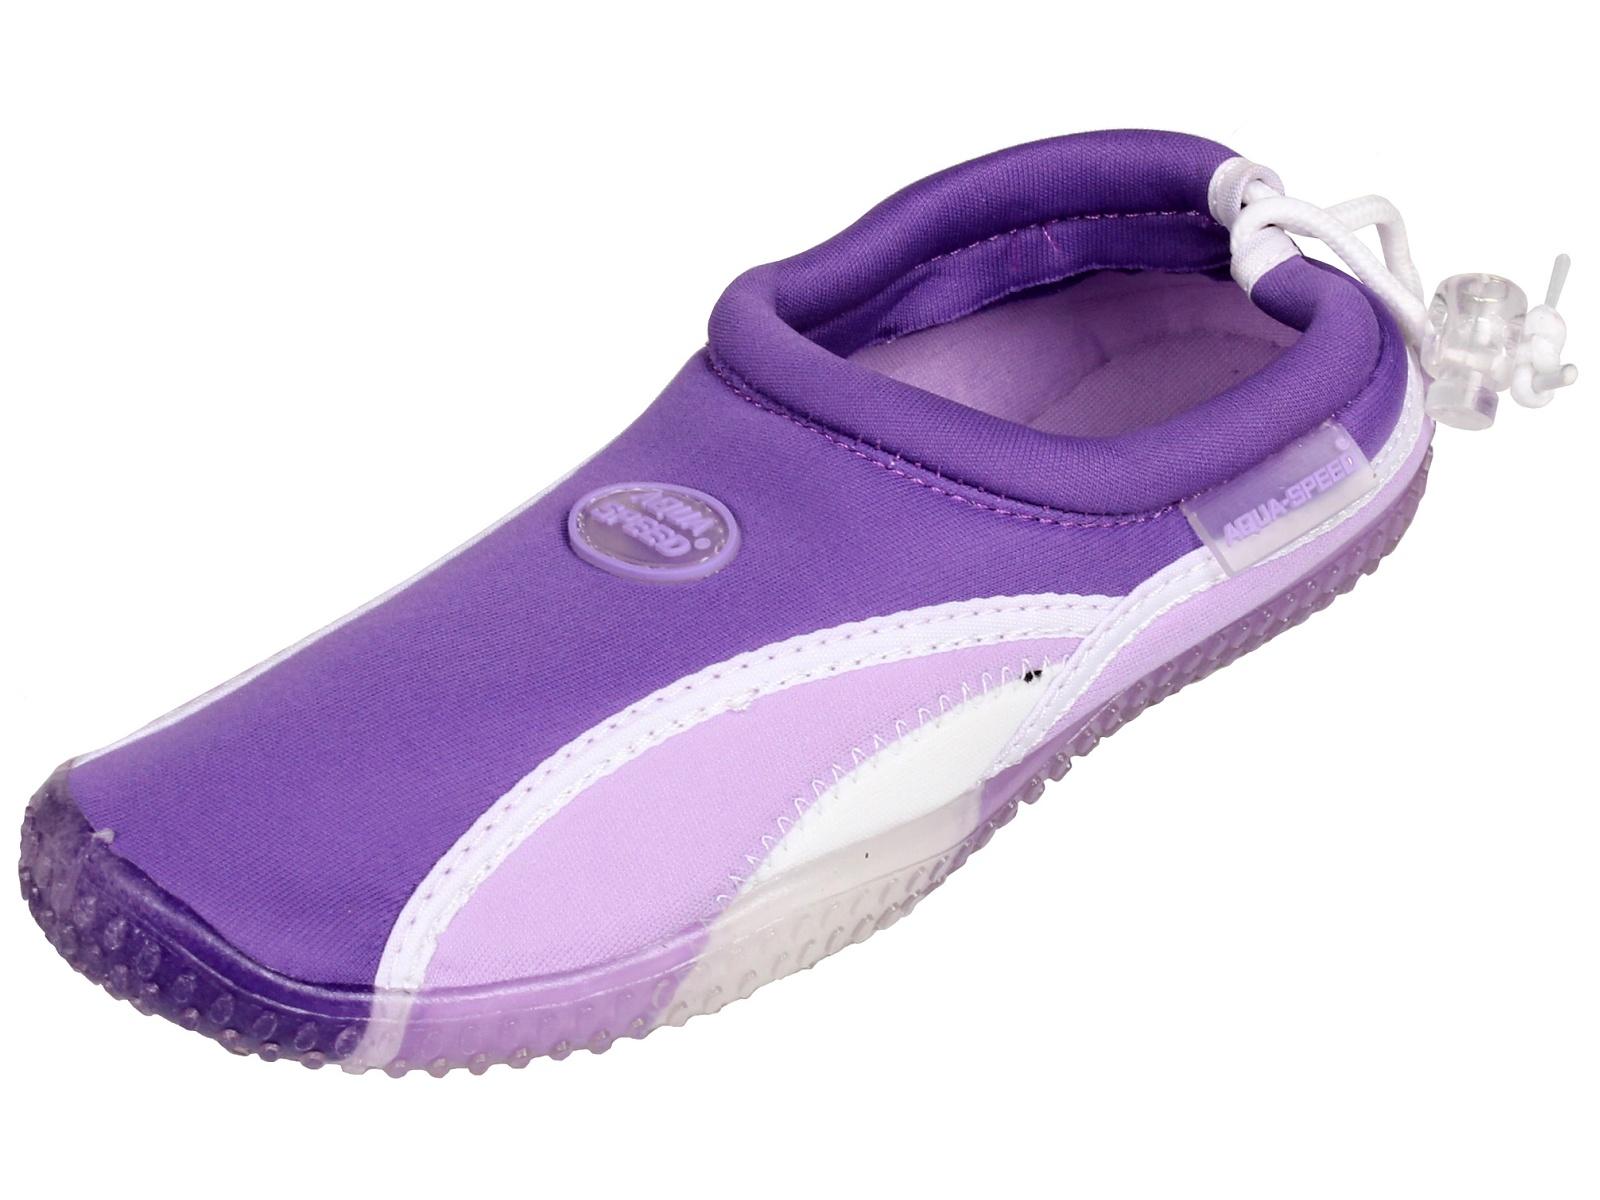 Boty do vody AQUA-SPEED 12B fialové - vel. 36